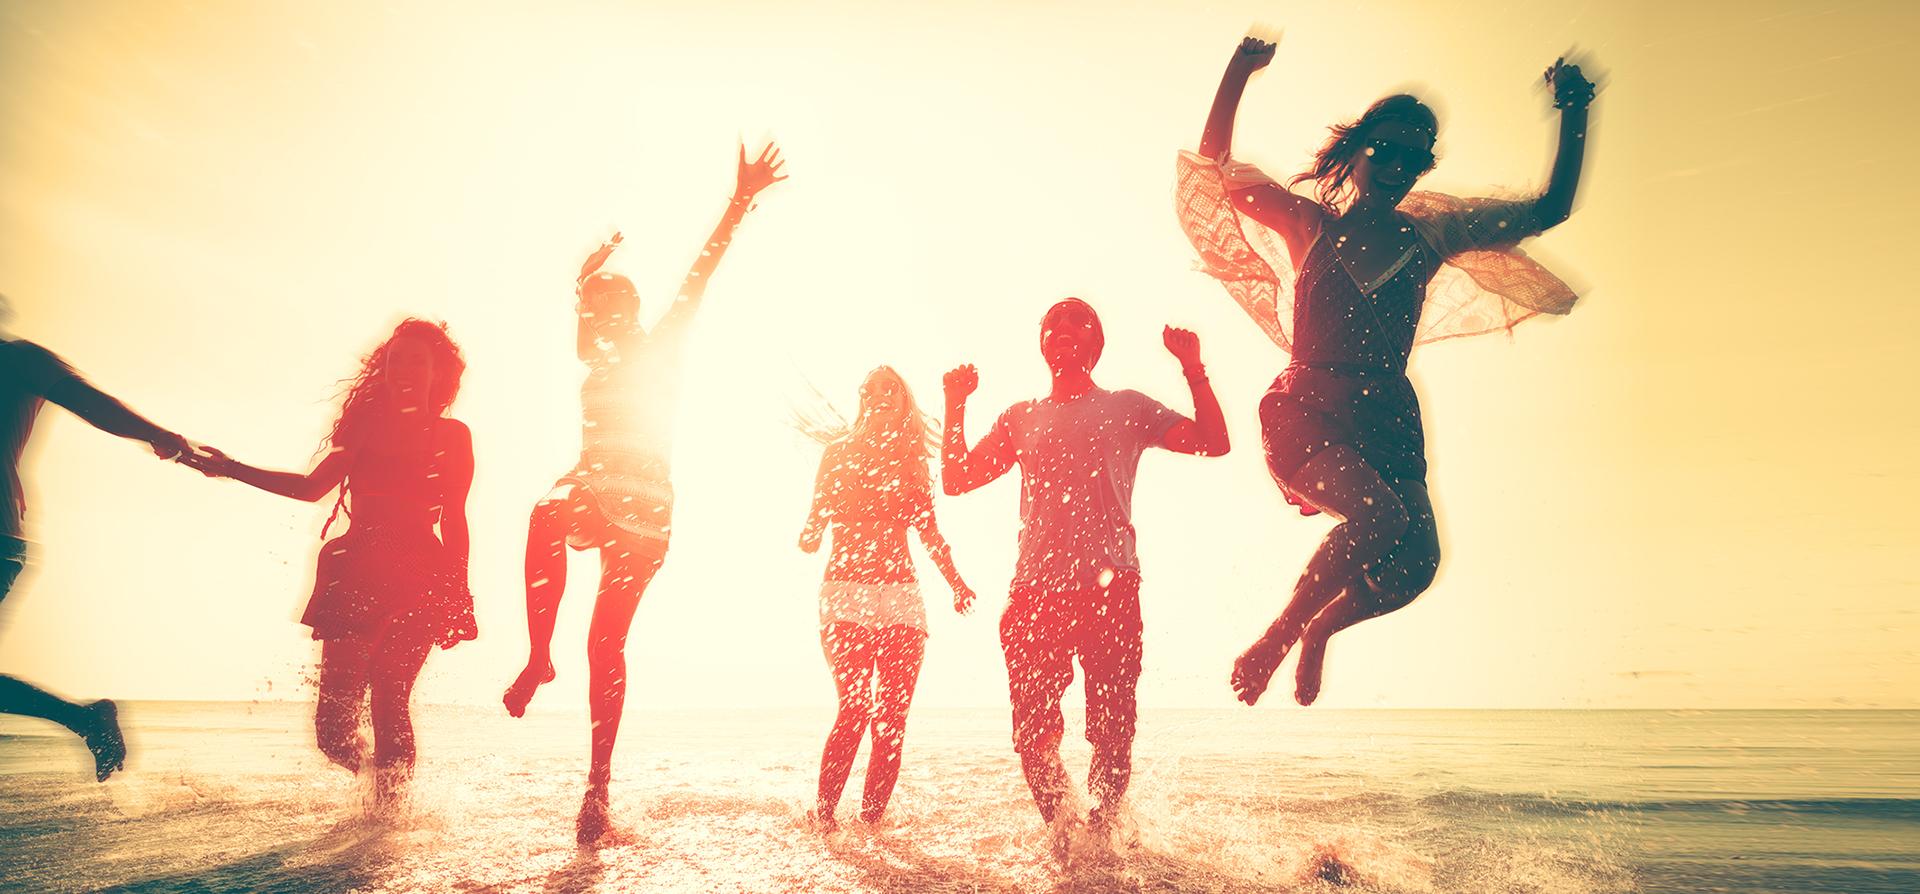 признанию, картинка веселье с друзьями короткие постараемся